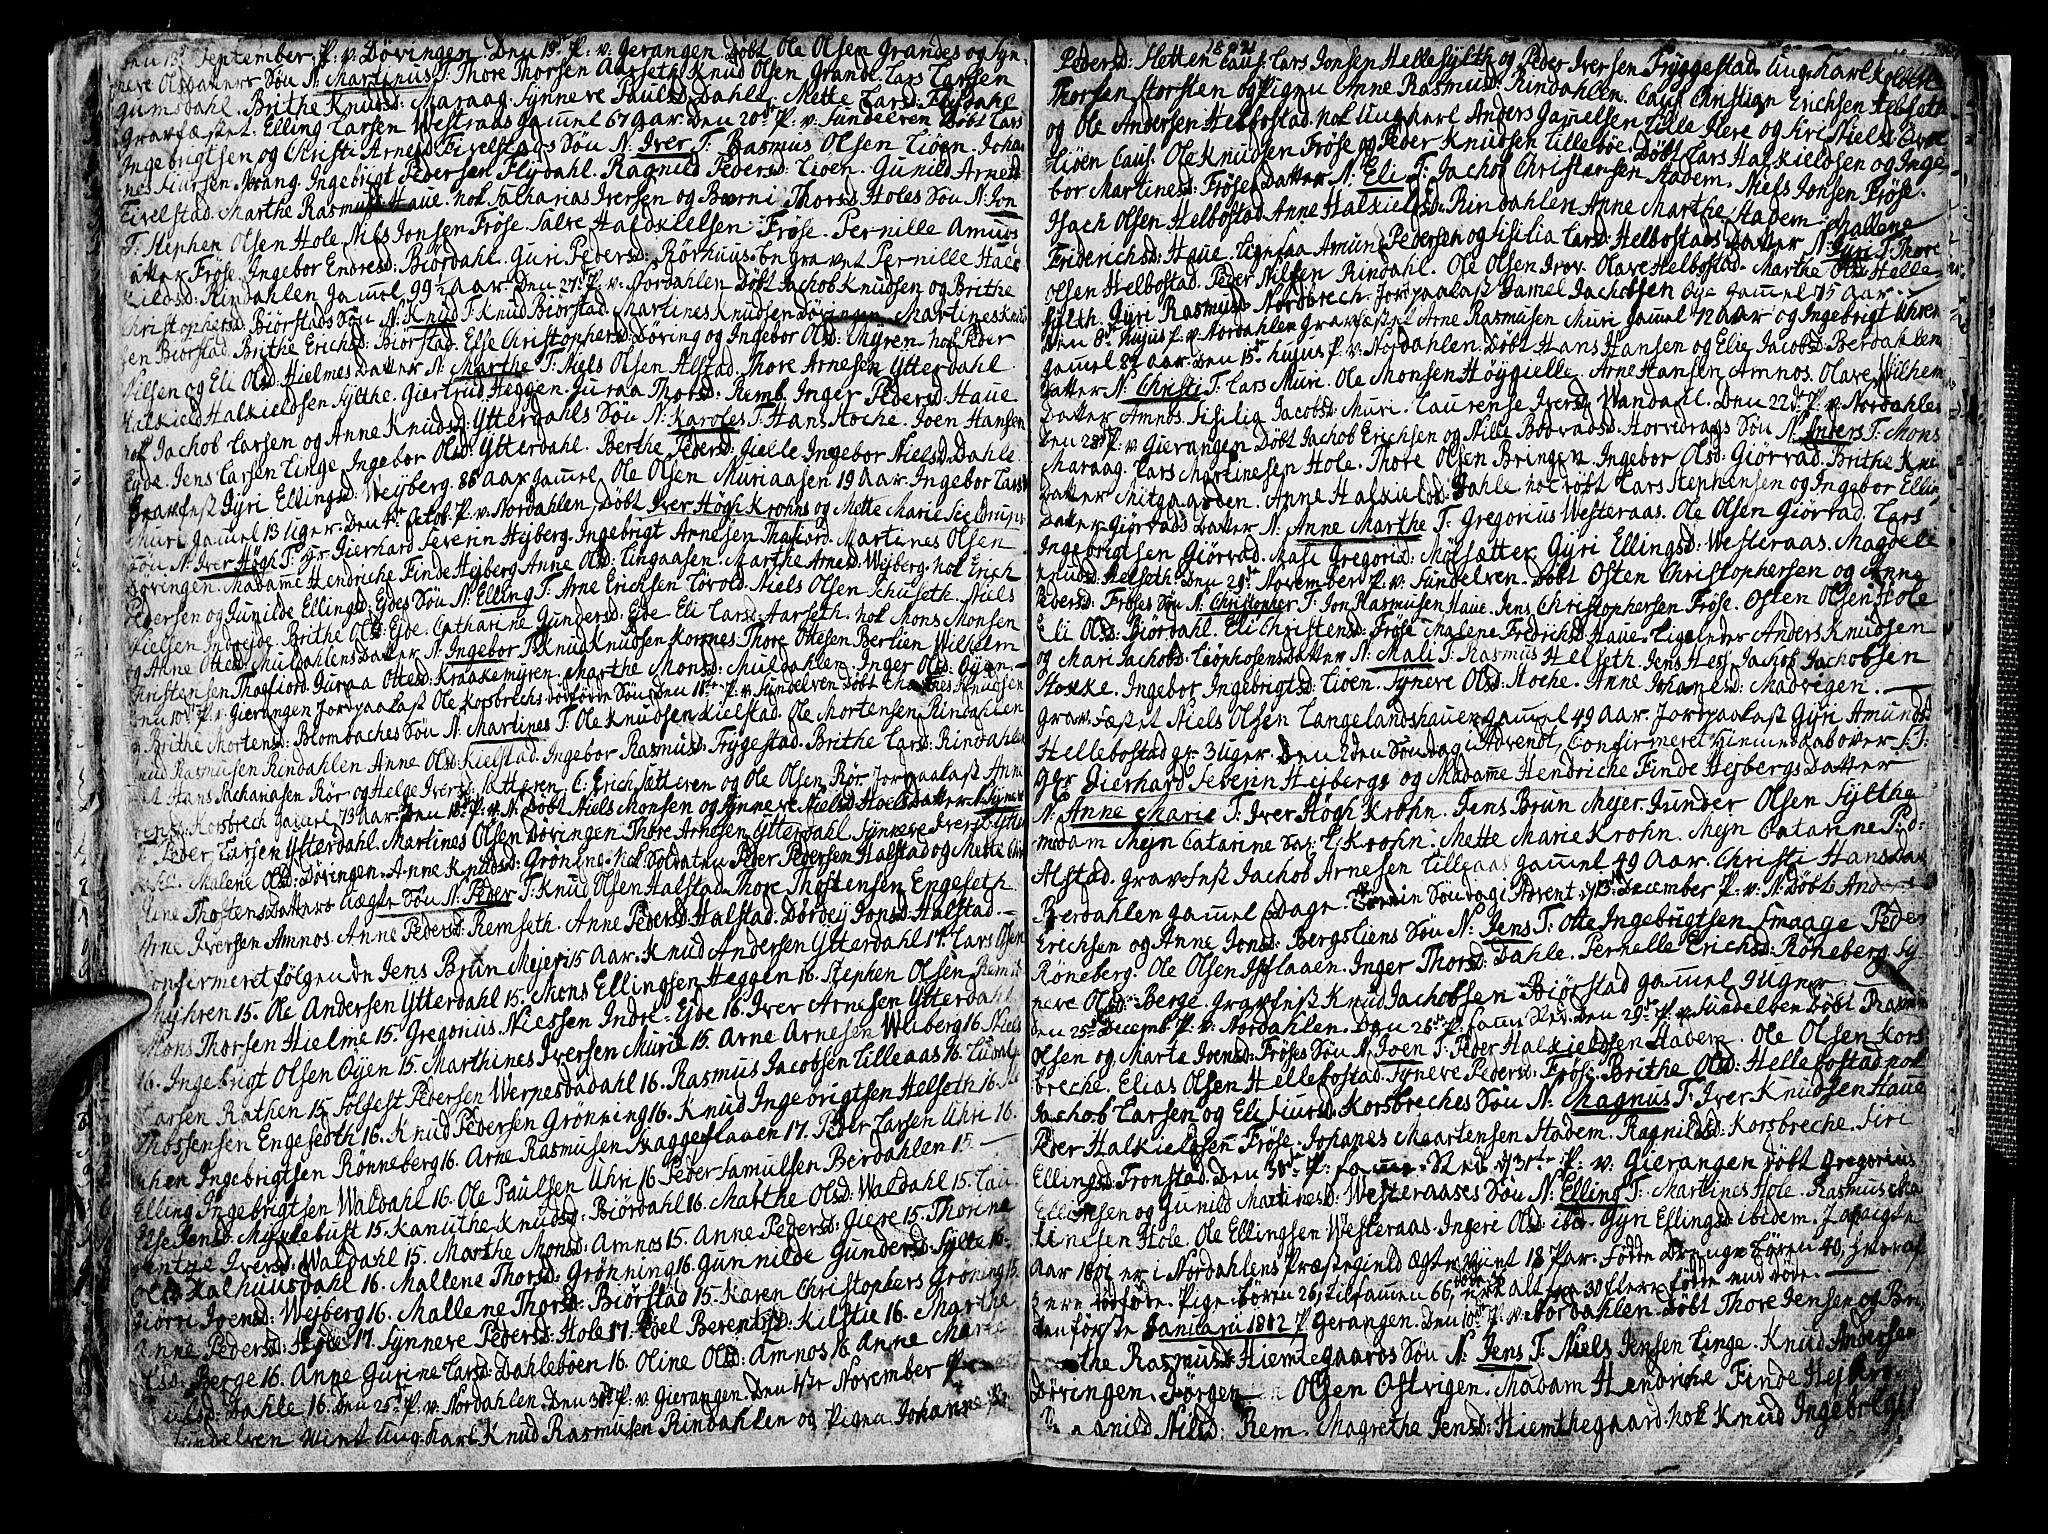 SAT, Ministerialprotokoller, klokkerbøker og fødselsregistre - Møre og Romsdal, 519/L0245: Ministerialbok nr. 519A04, 1774-1816, s. 110